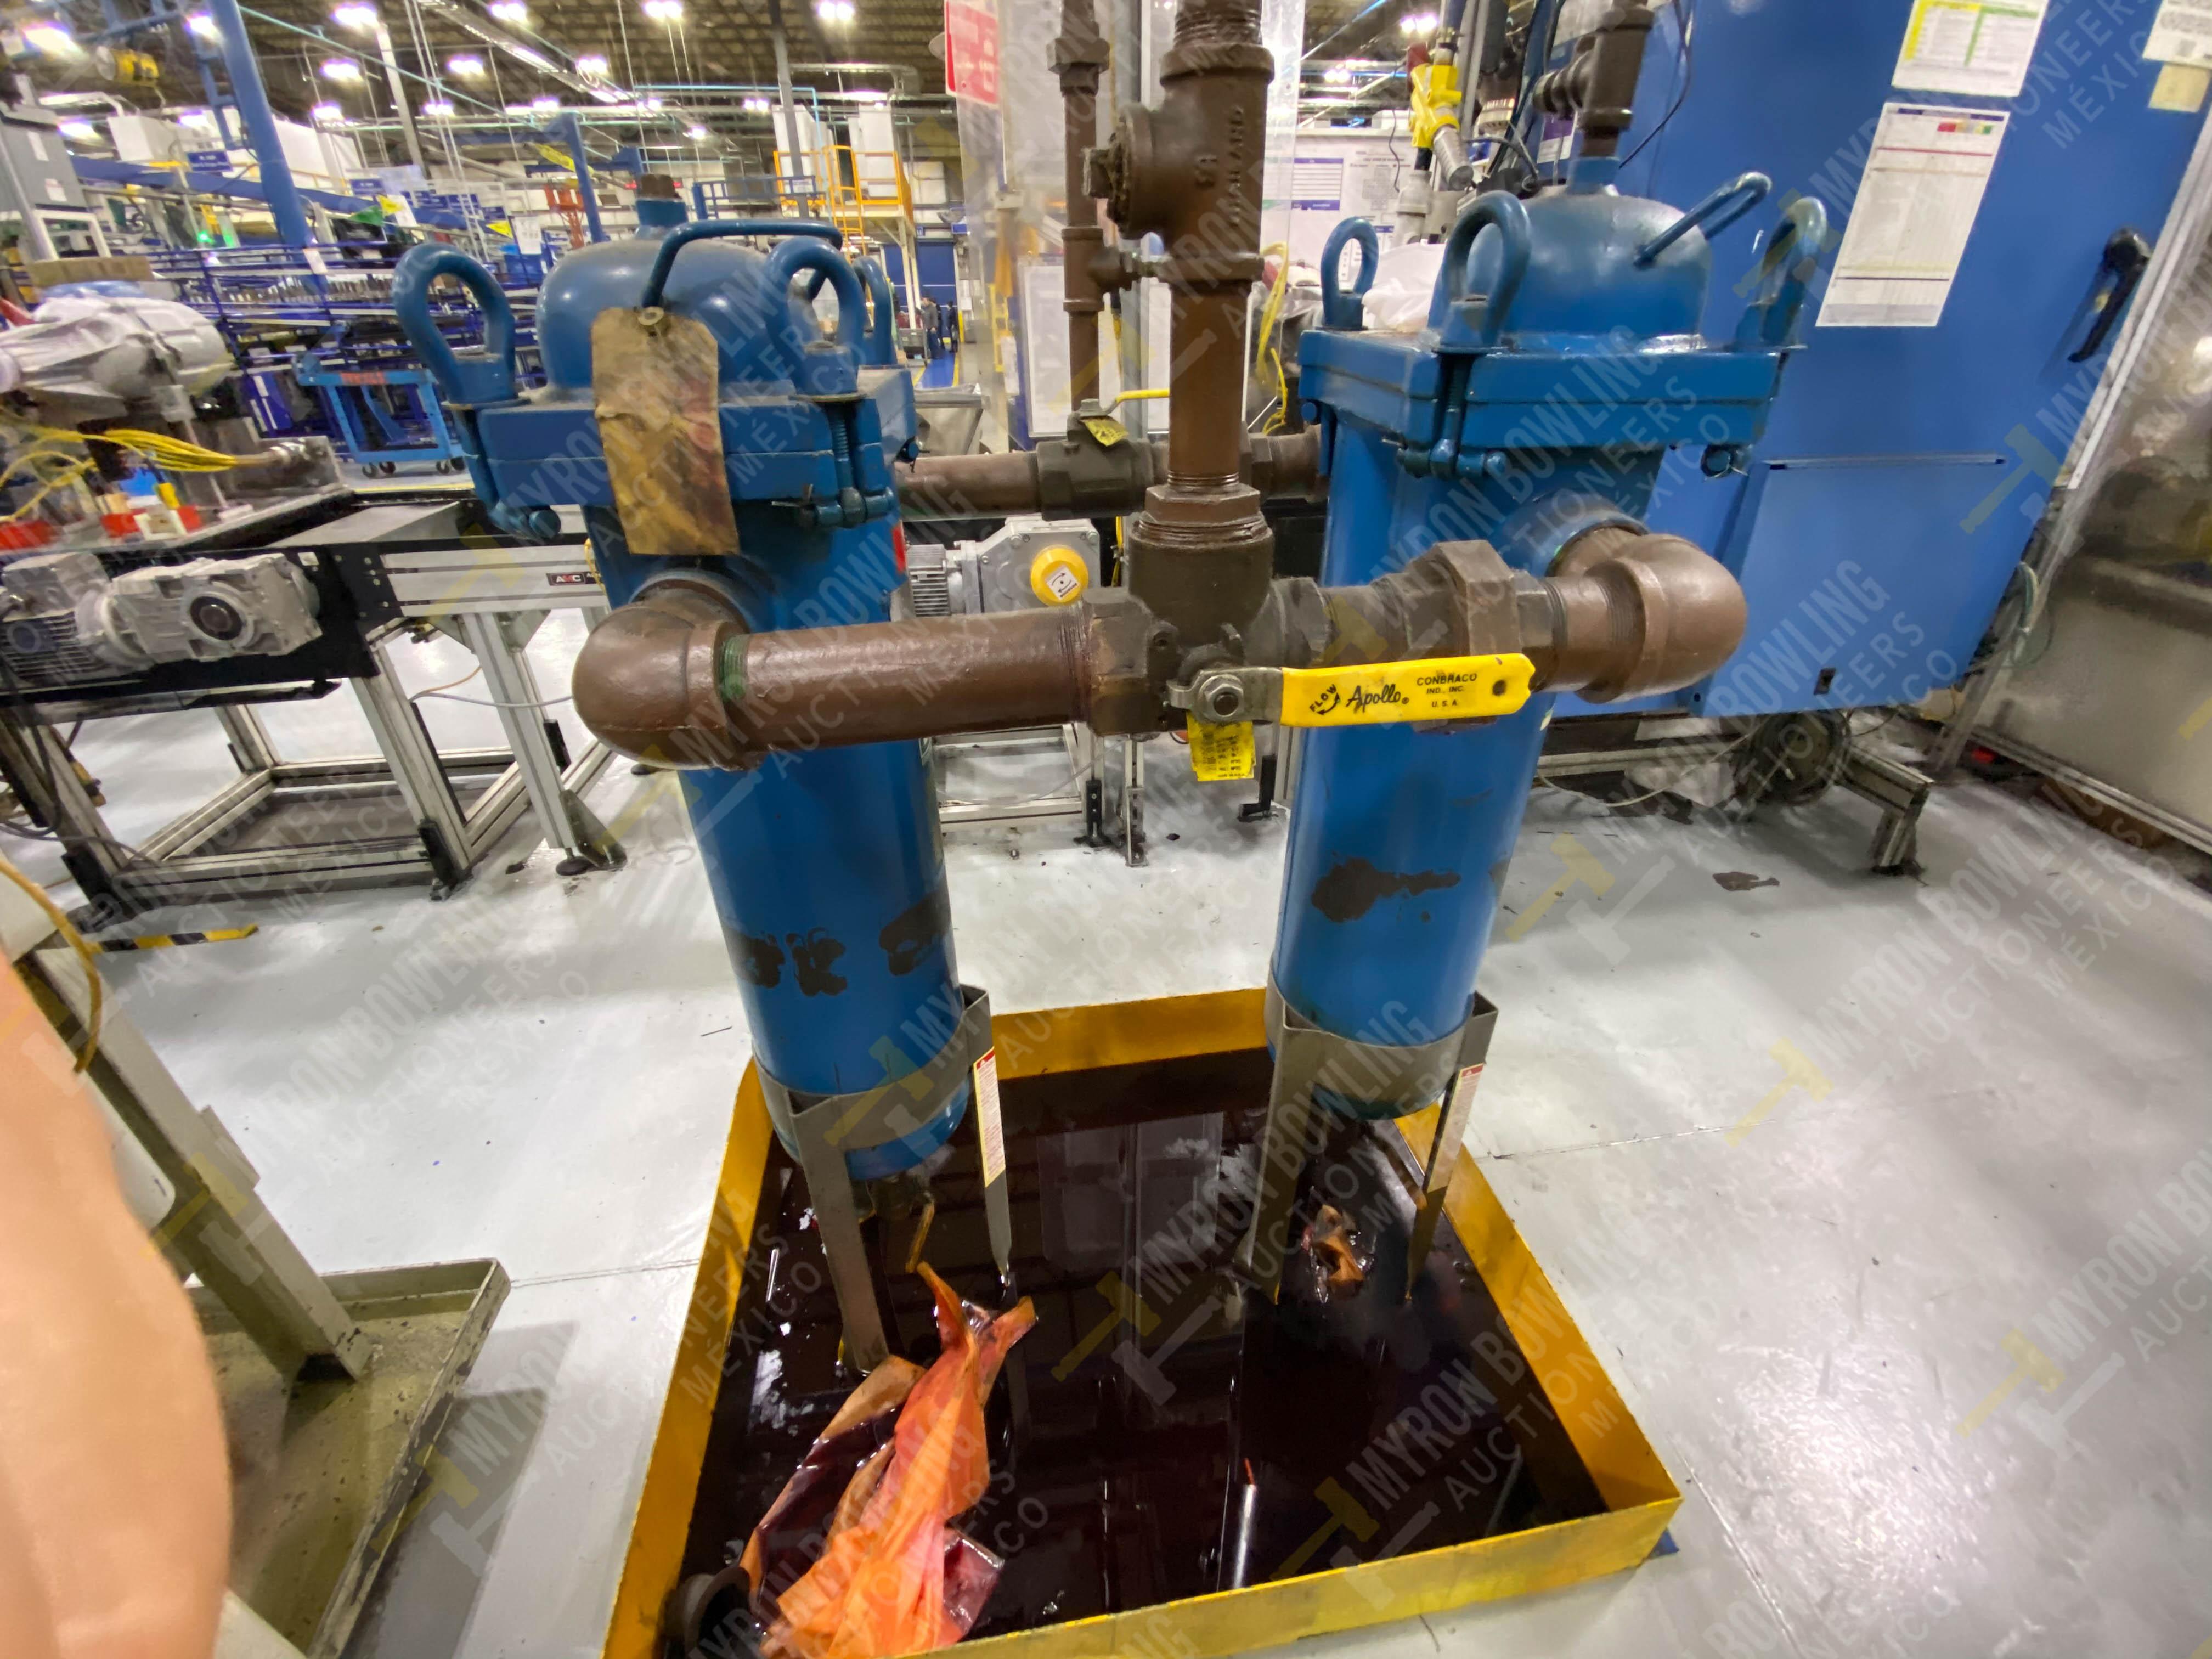 Bomba de aceite y filtros para el llenado de housings en lote 30 y 31. - Image 6 of 30